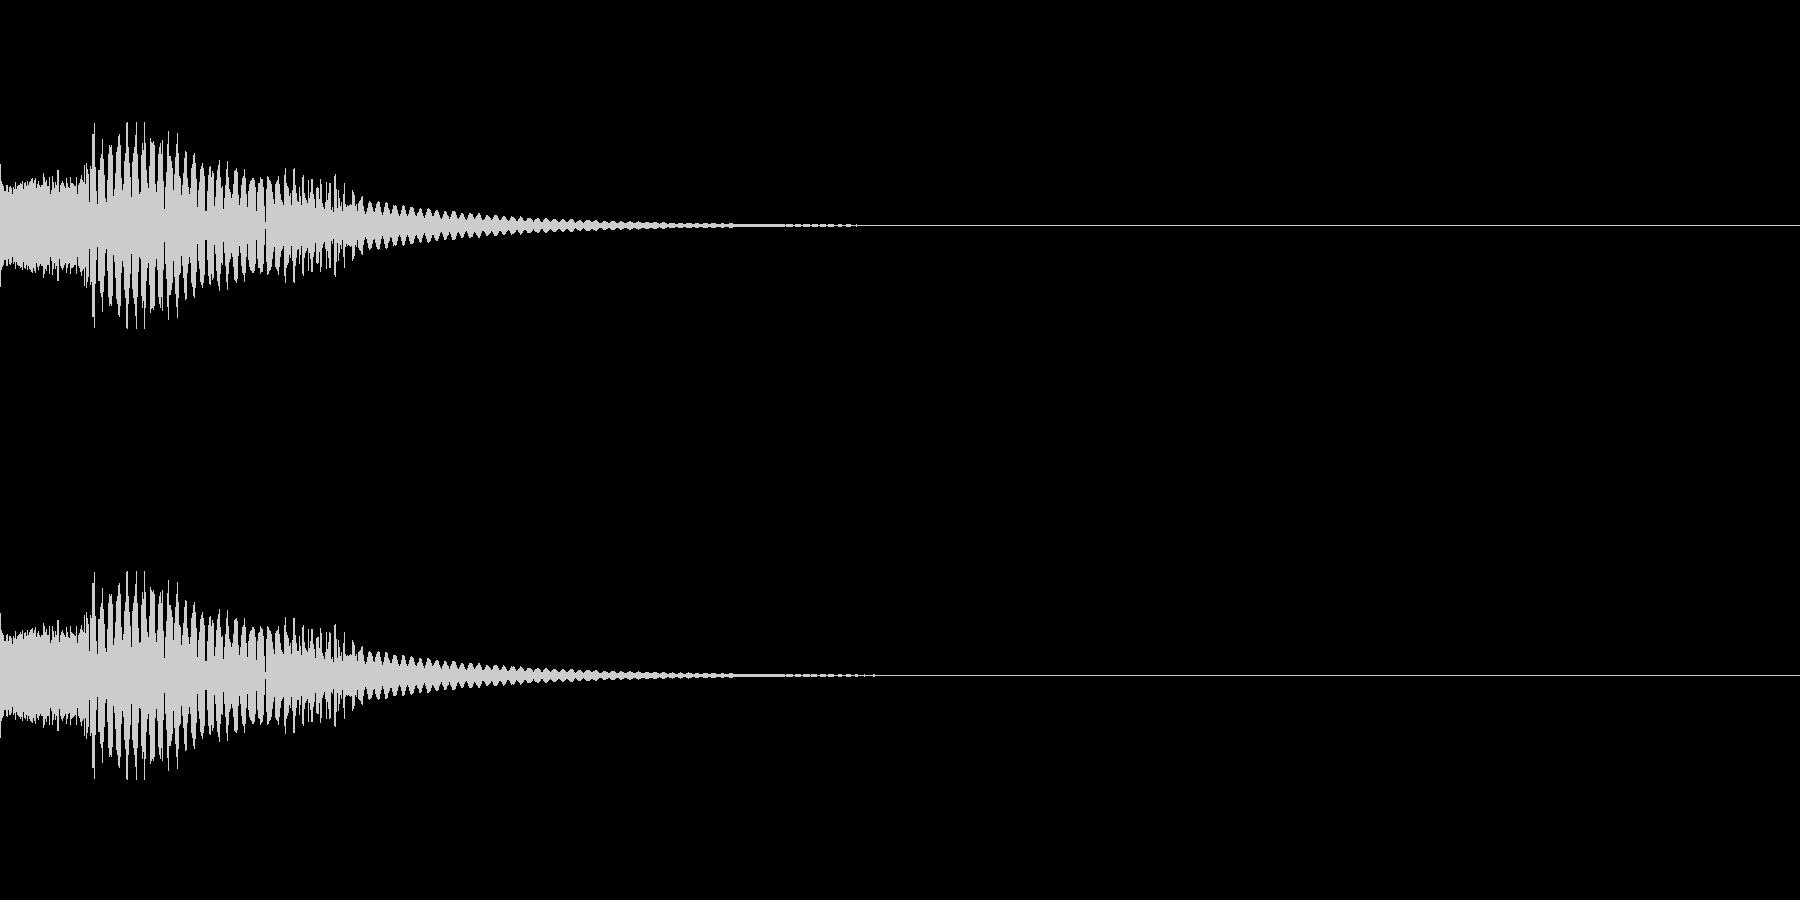 短いマリンバ着信音とバイブ音の未再生の波形